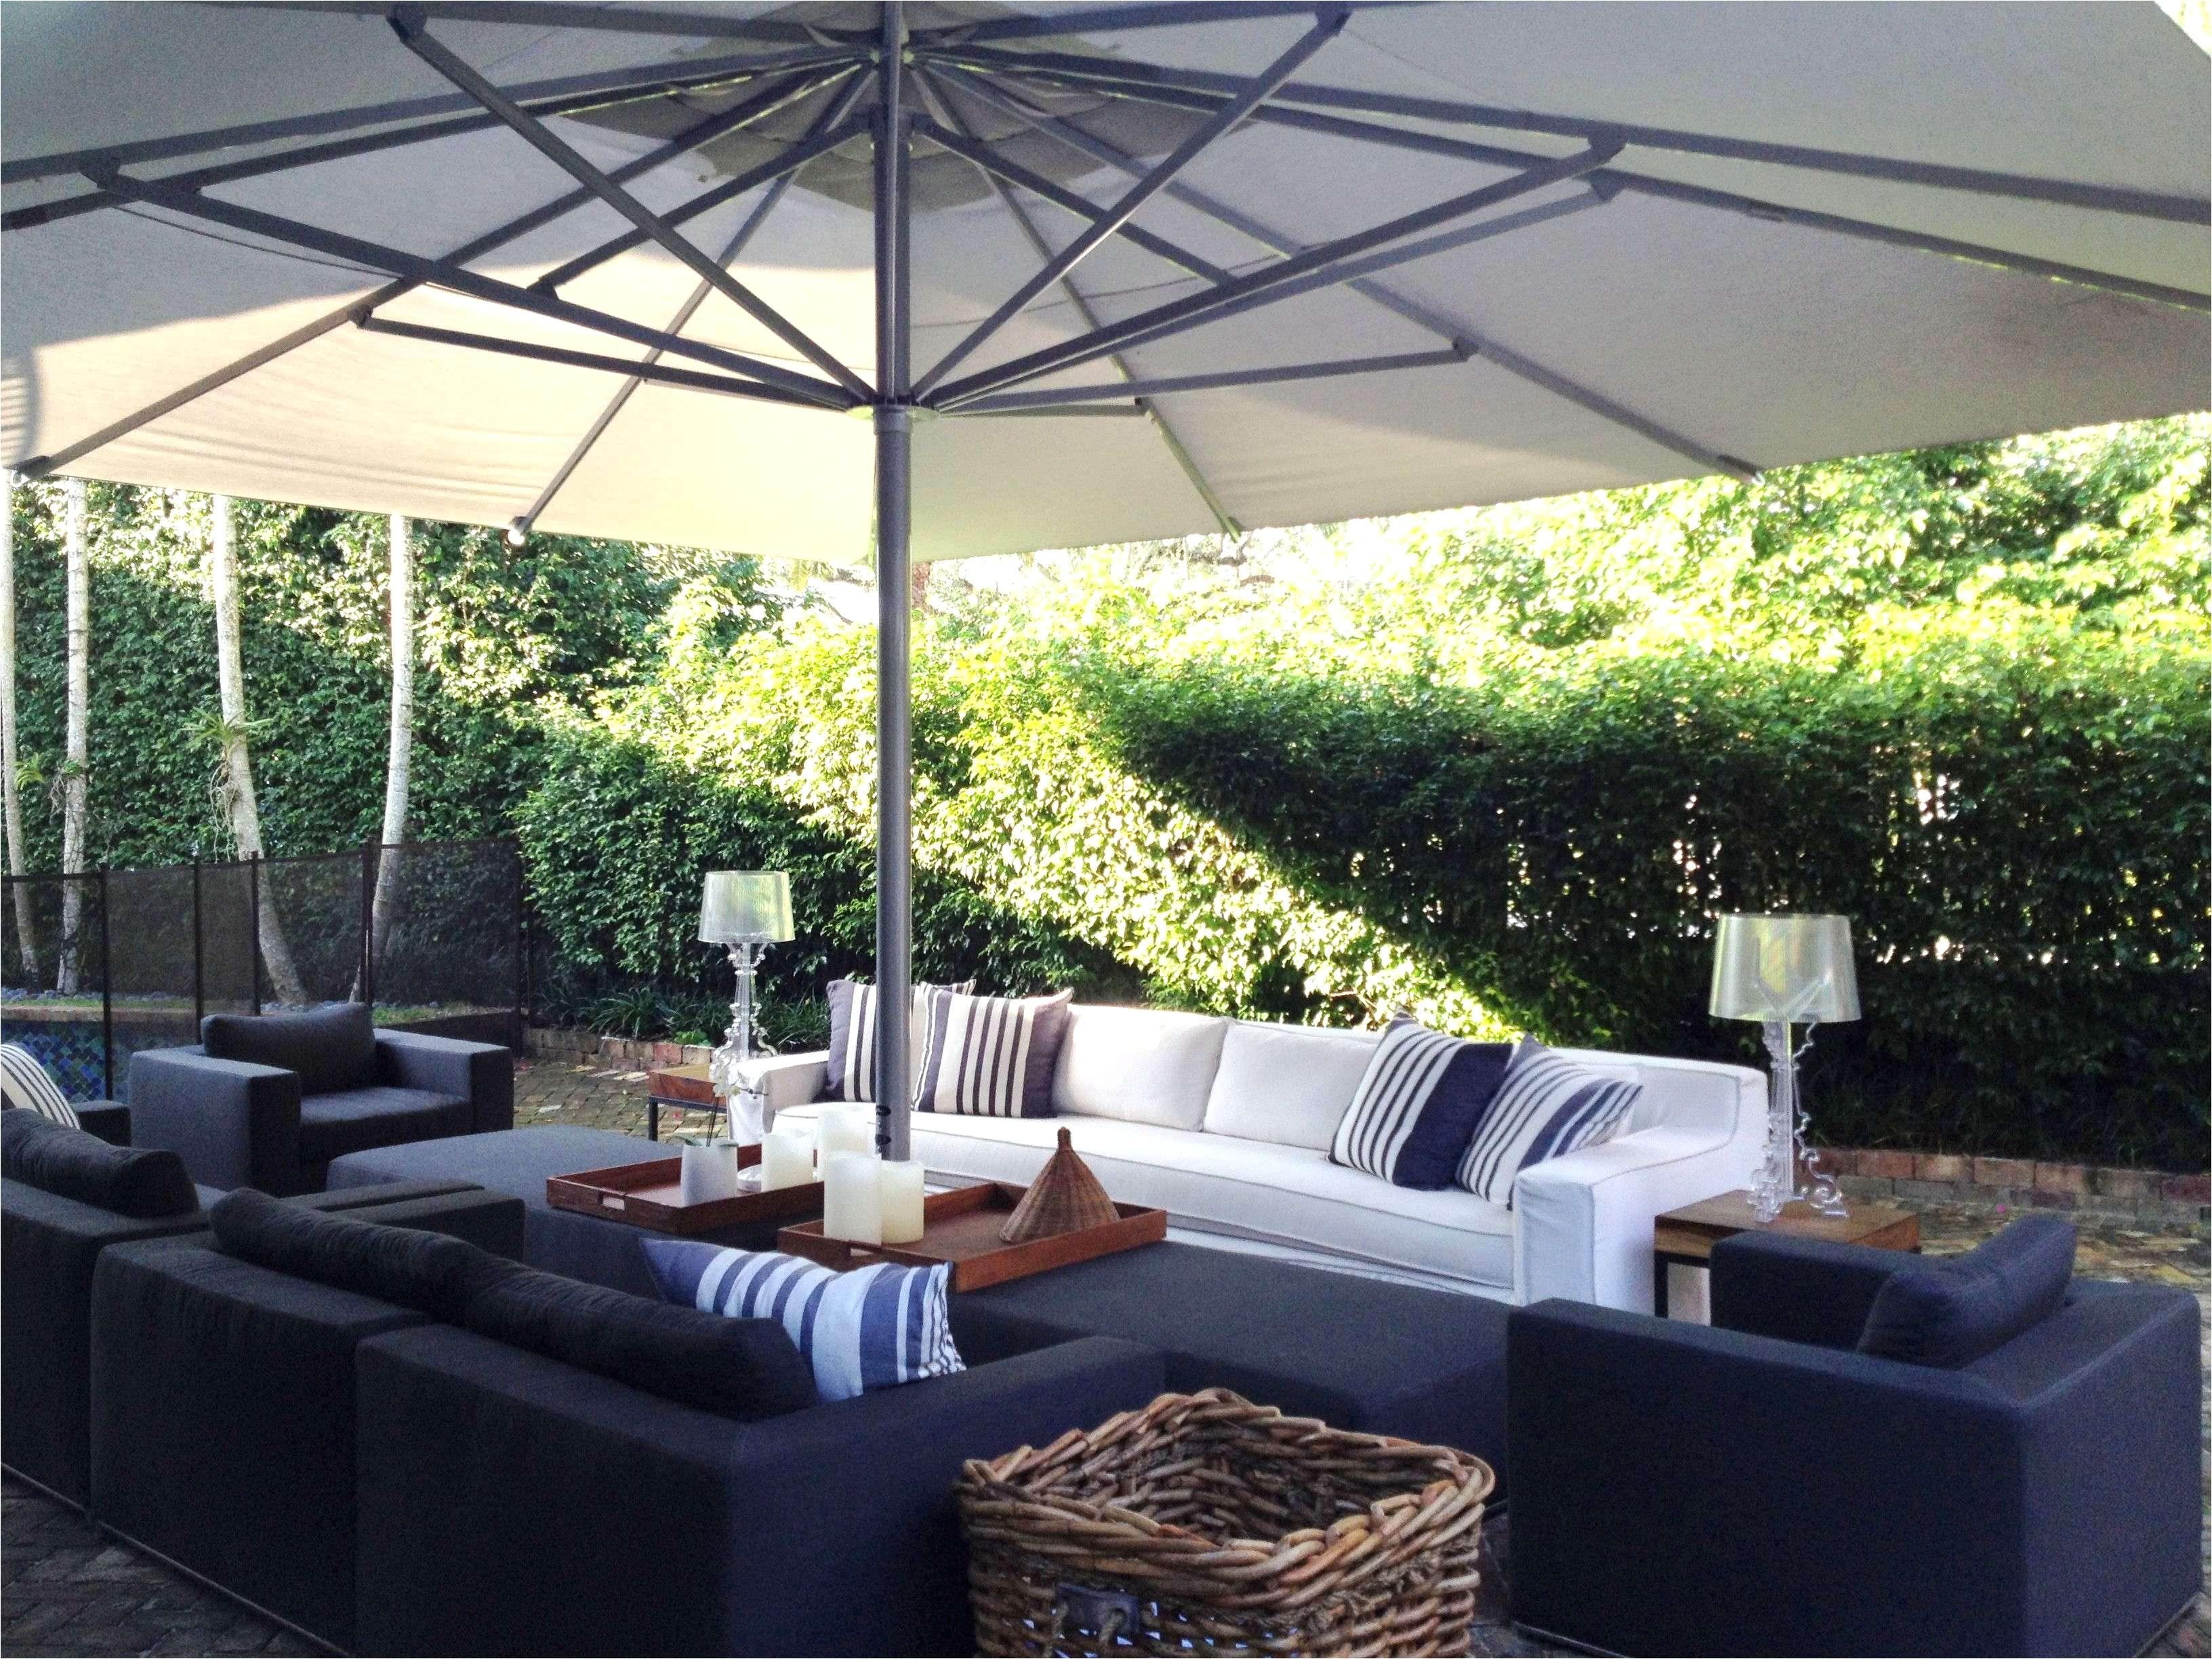 ebay balkonmobel nikon telephoto af dc nikkor 105mm f 2 0d lens new from patio umbrella